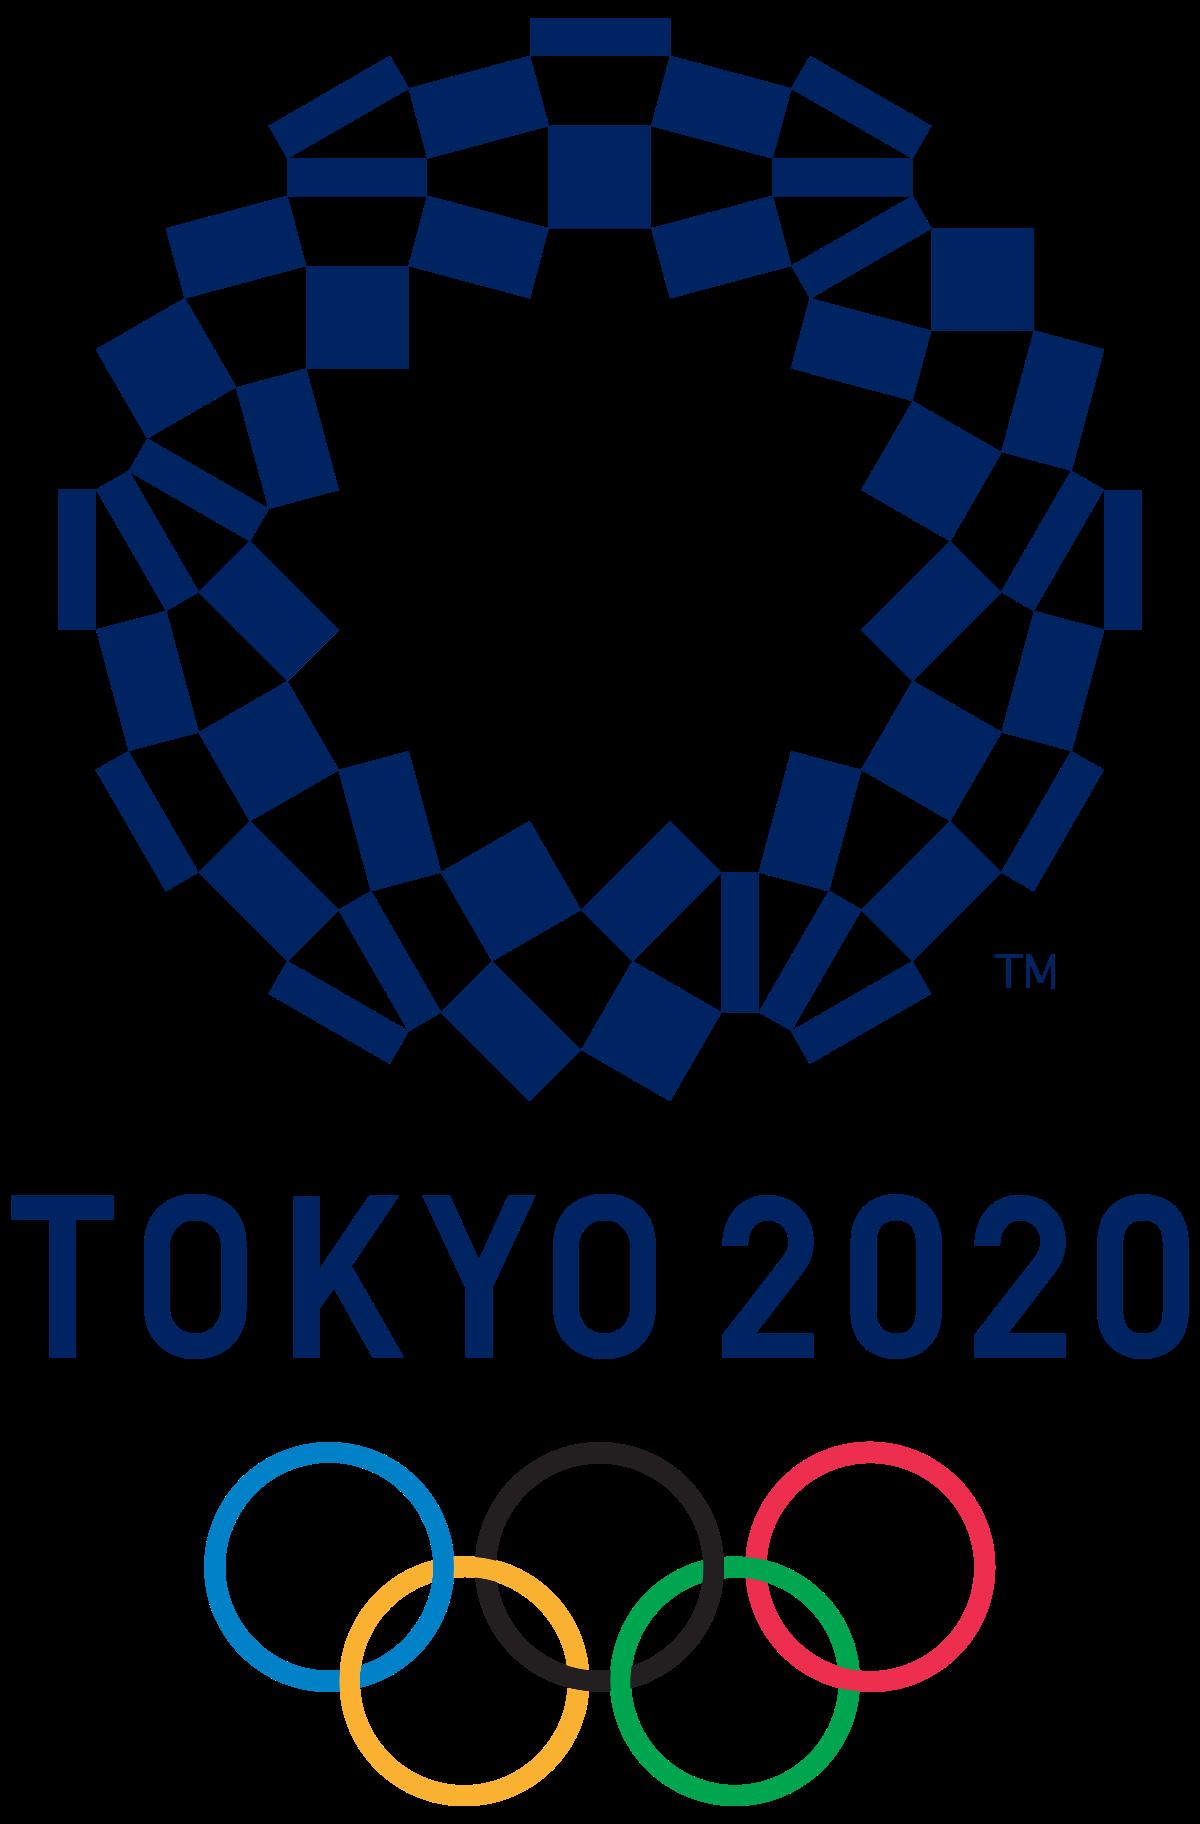 2020 Summer Olympics Logo Juegos Olimpicos De Tokio 2020 Wikipedia La Enciclopedia Libre Juegos Olimpicos Juegos Olimpicos De Verano Juegos Olimpicos 2020